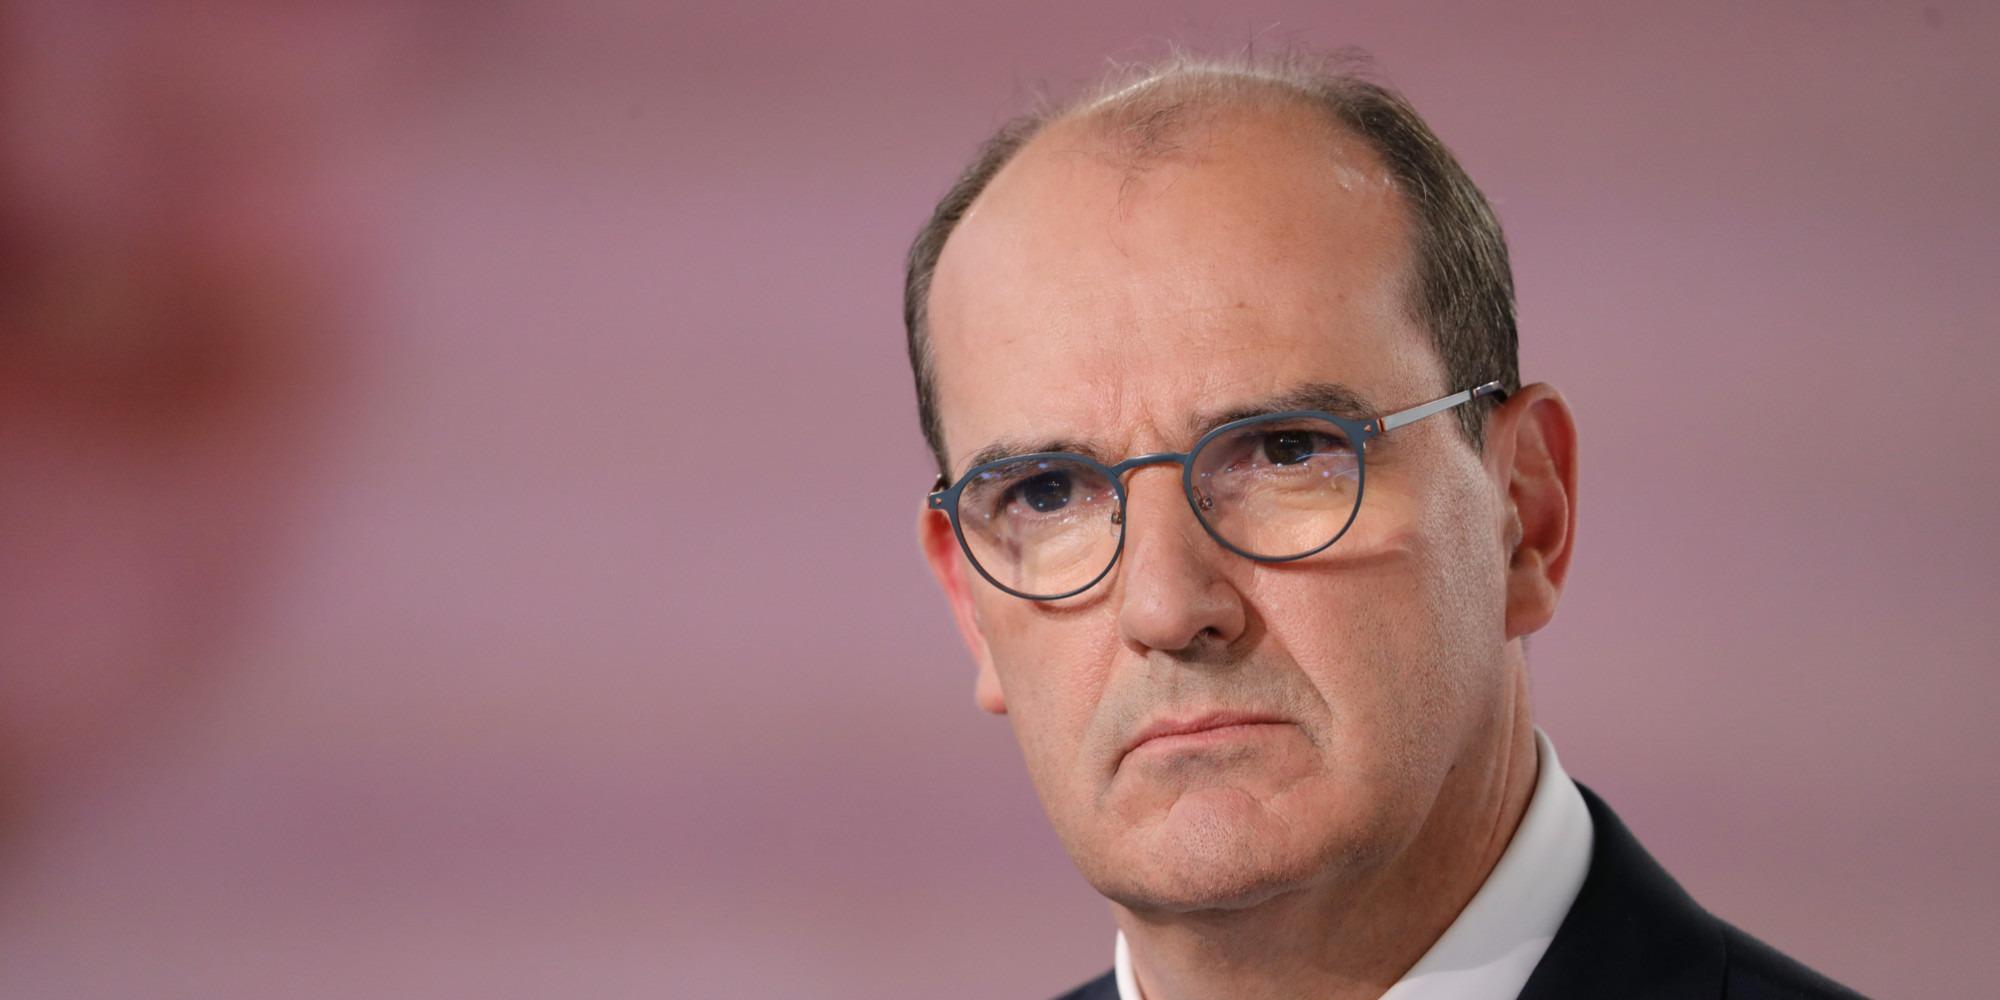 Emploi, retraites : les partenaires sociaux entament des réunions avec Jean Castex